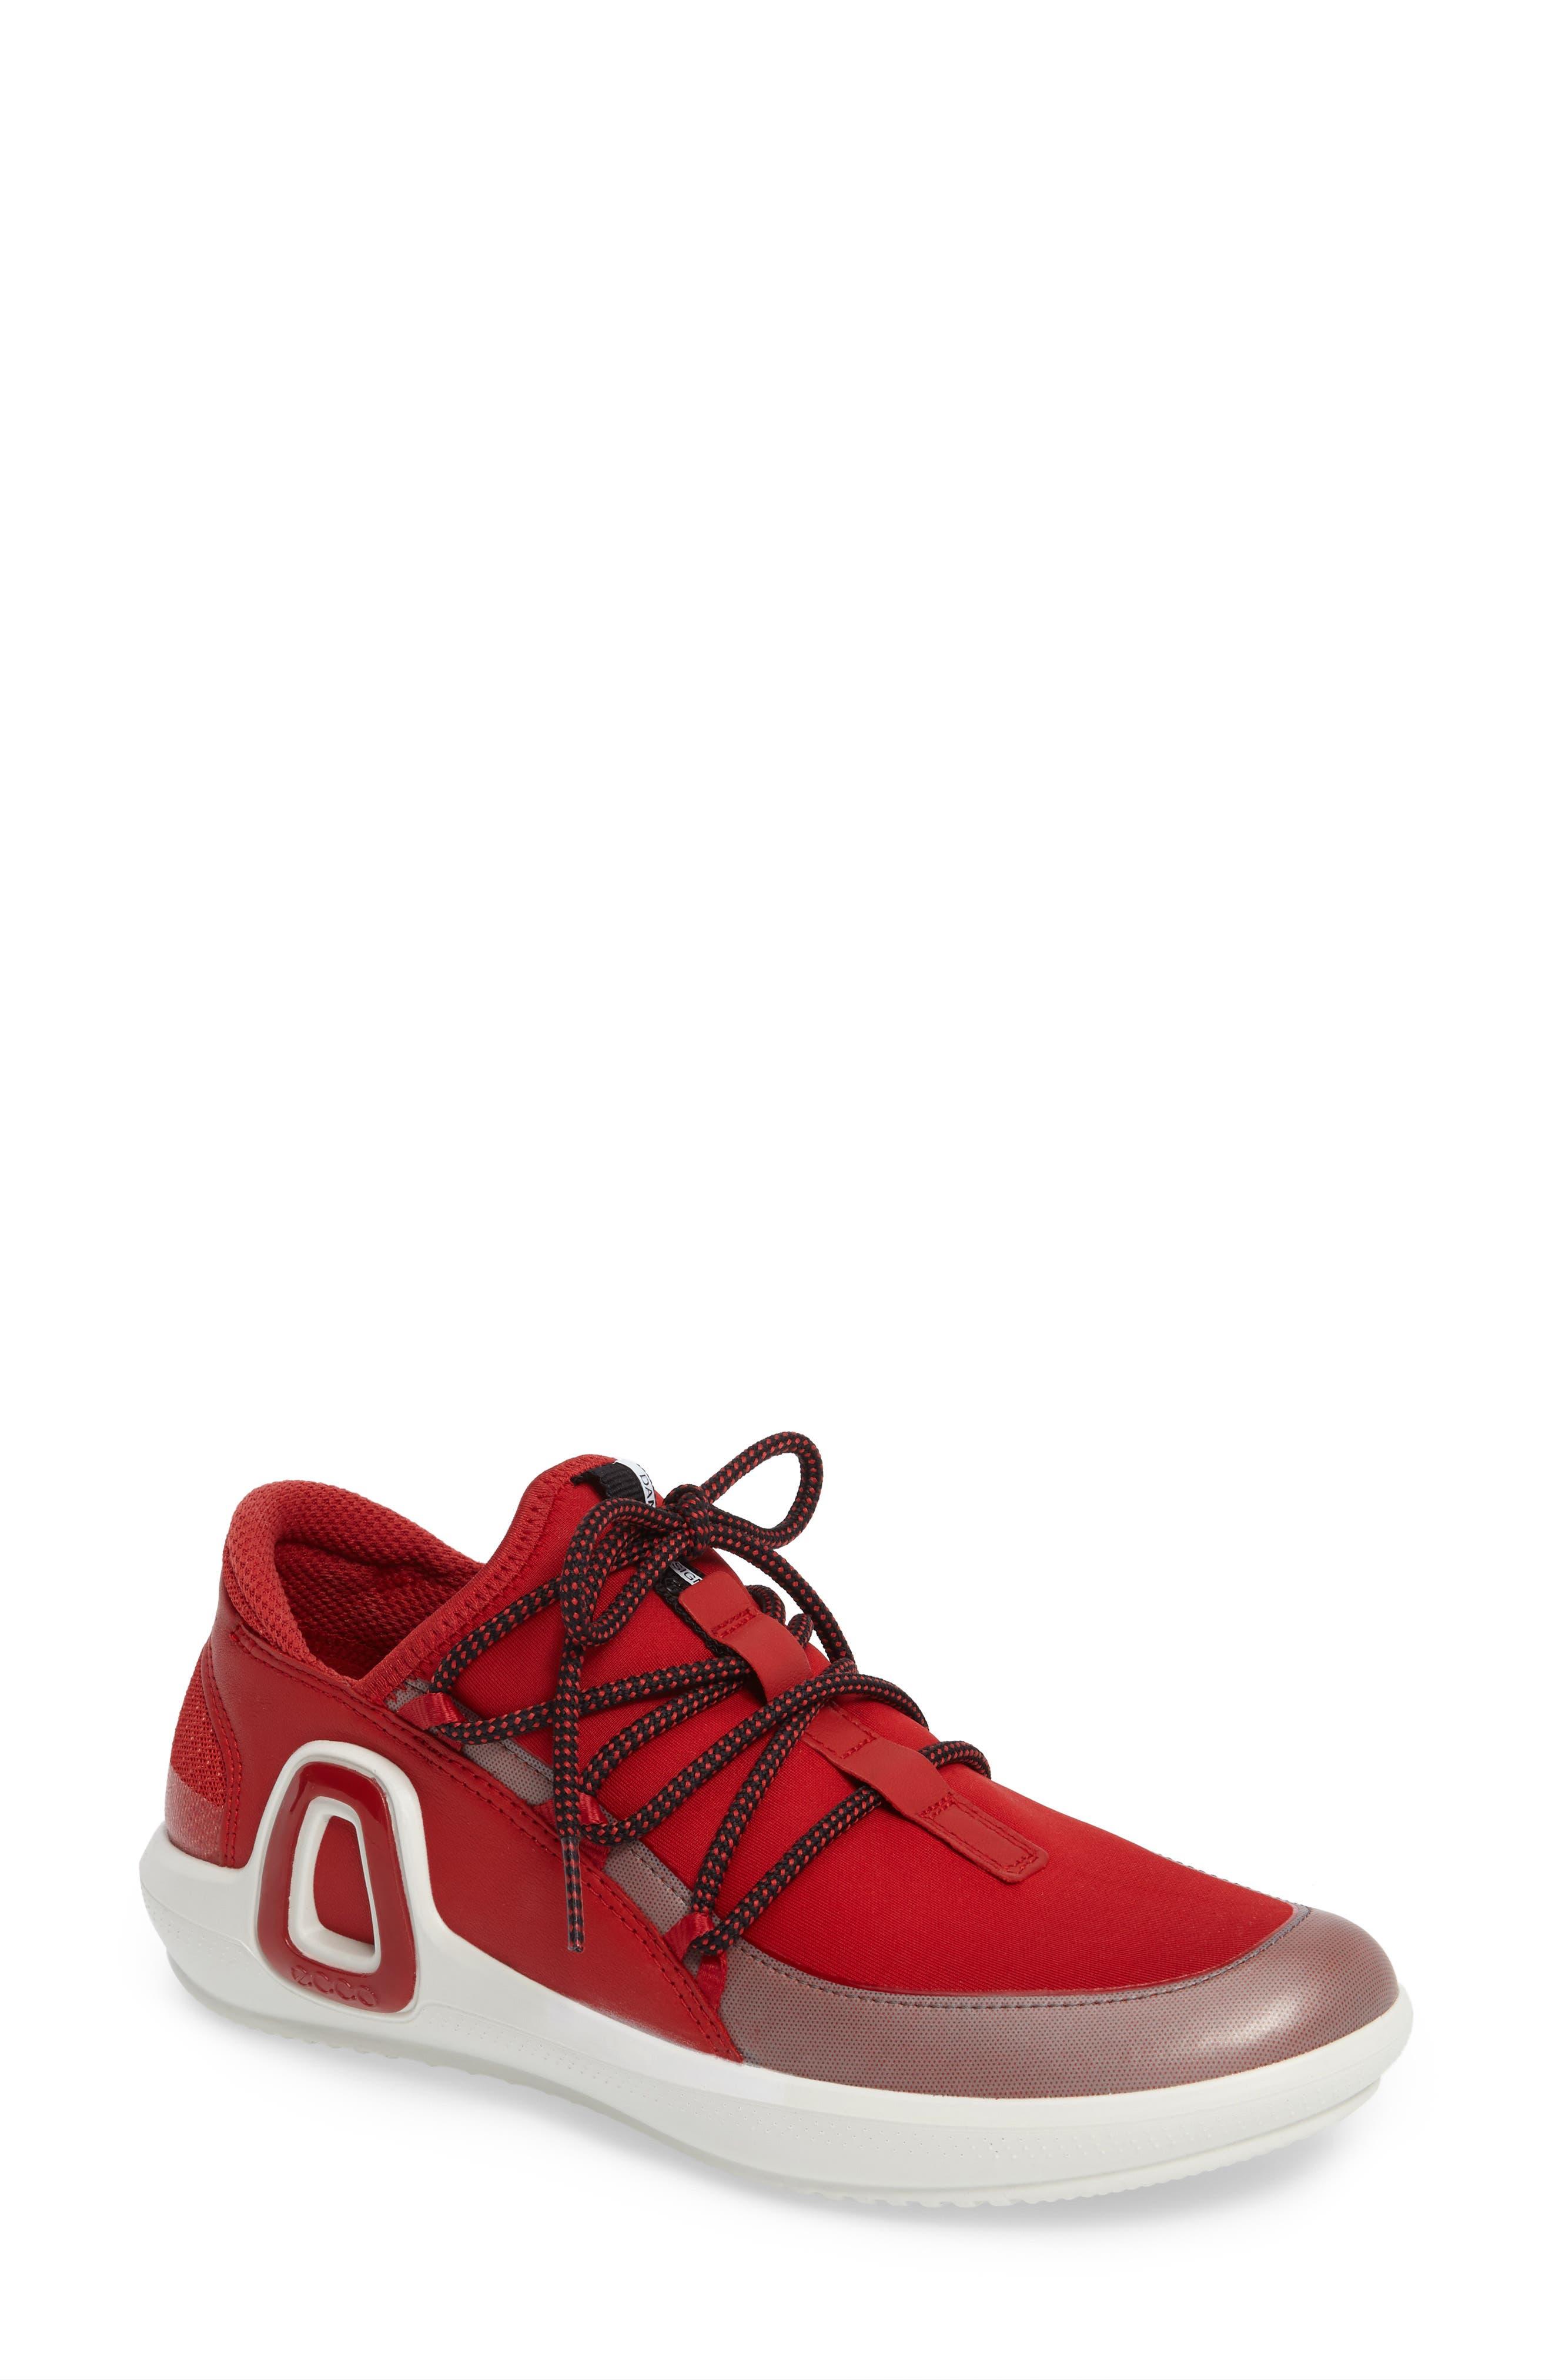 ECCO Intrinsic 3 Sneaker (Women)